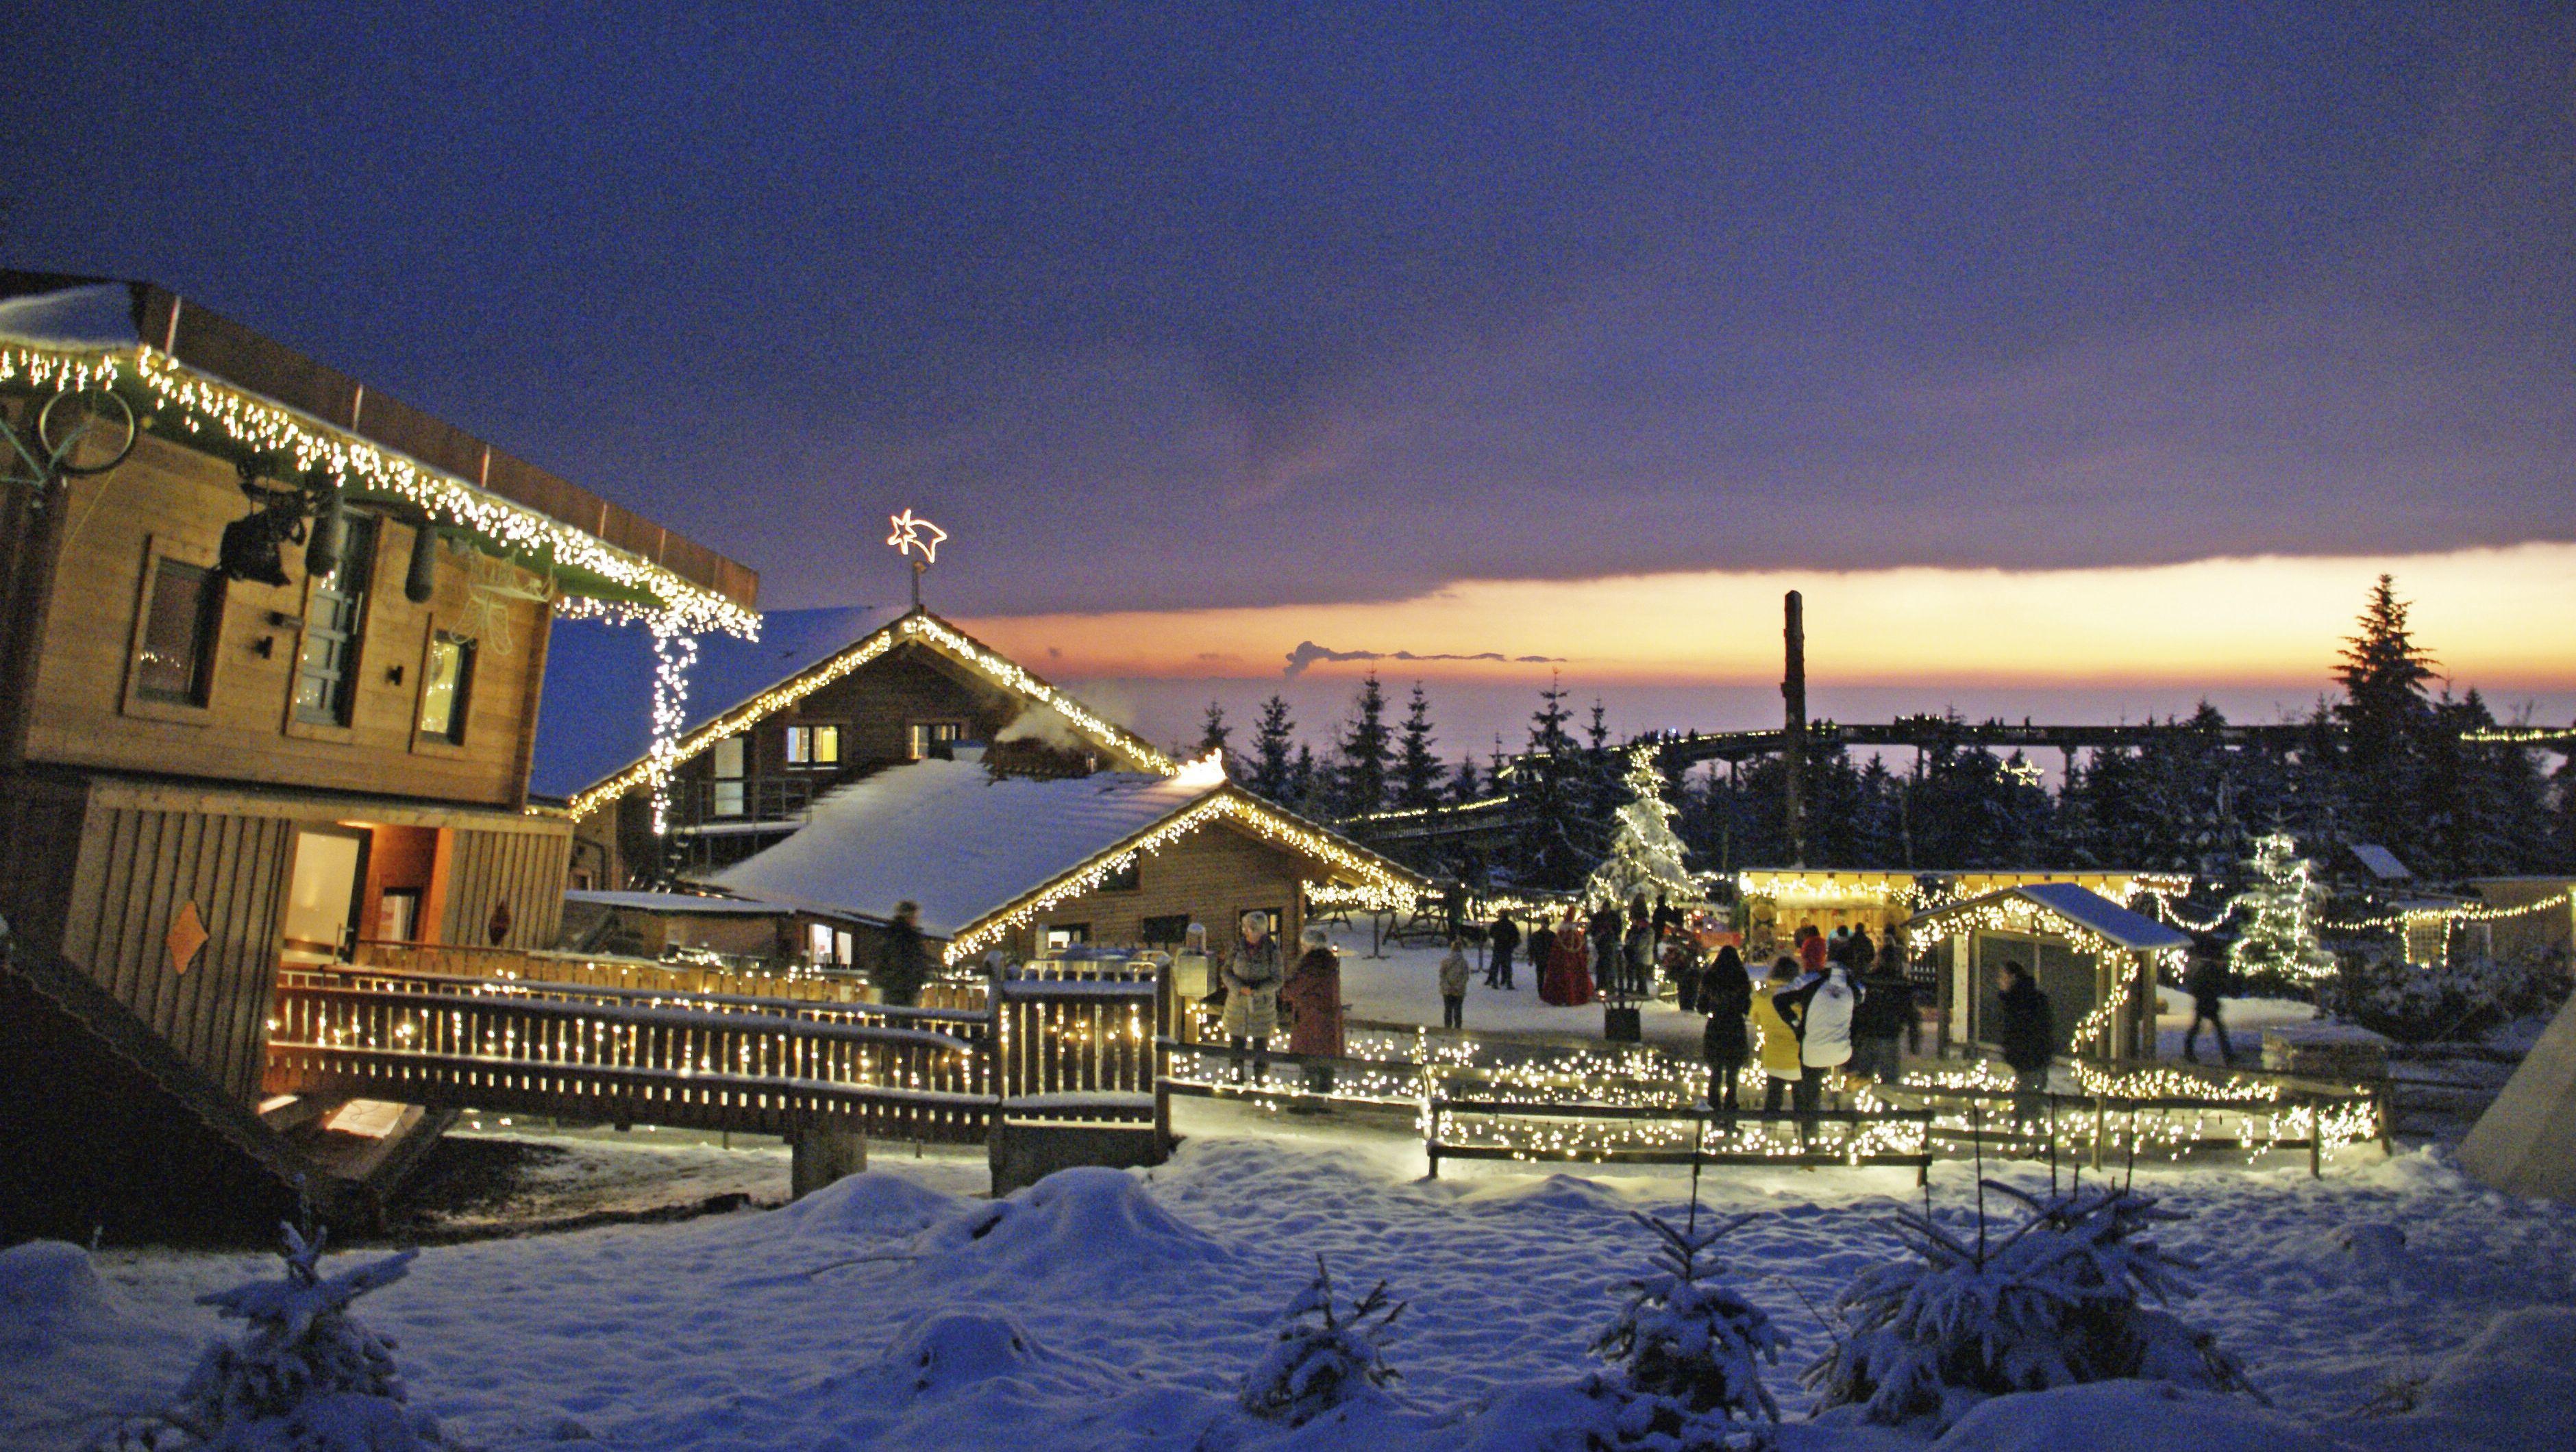 Ein Meer aus Lichtern beim Weihnachtsmarkt am Waldwipfelweg in Maibrunn, St. Englmar